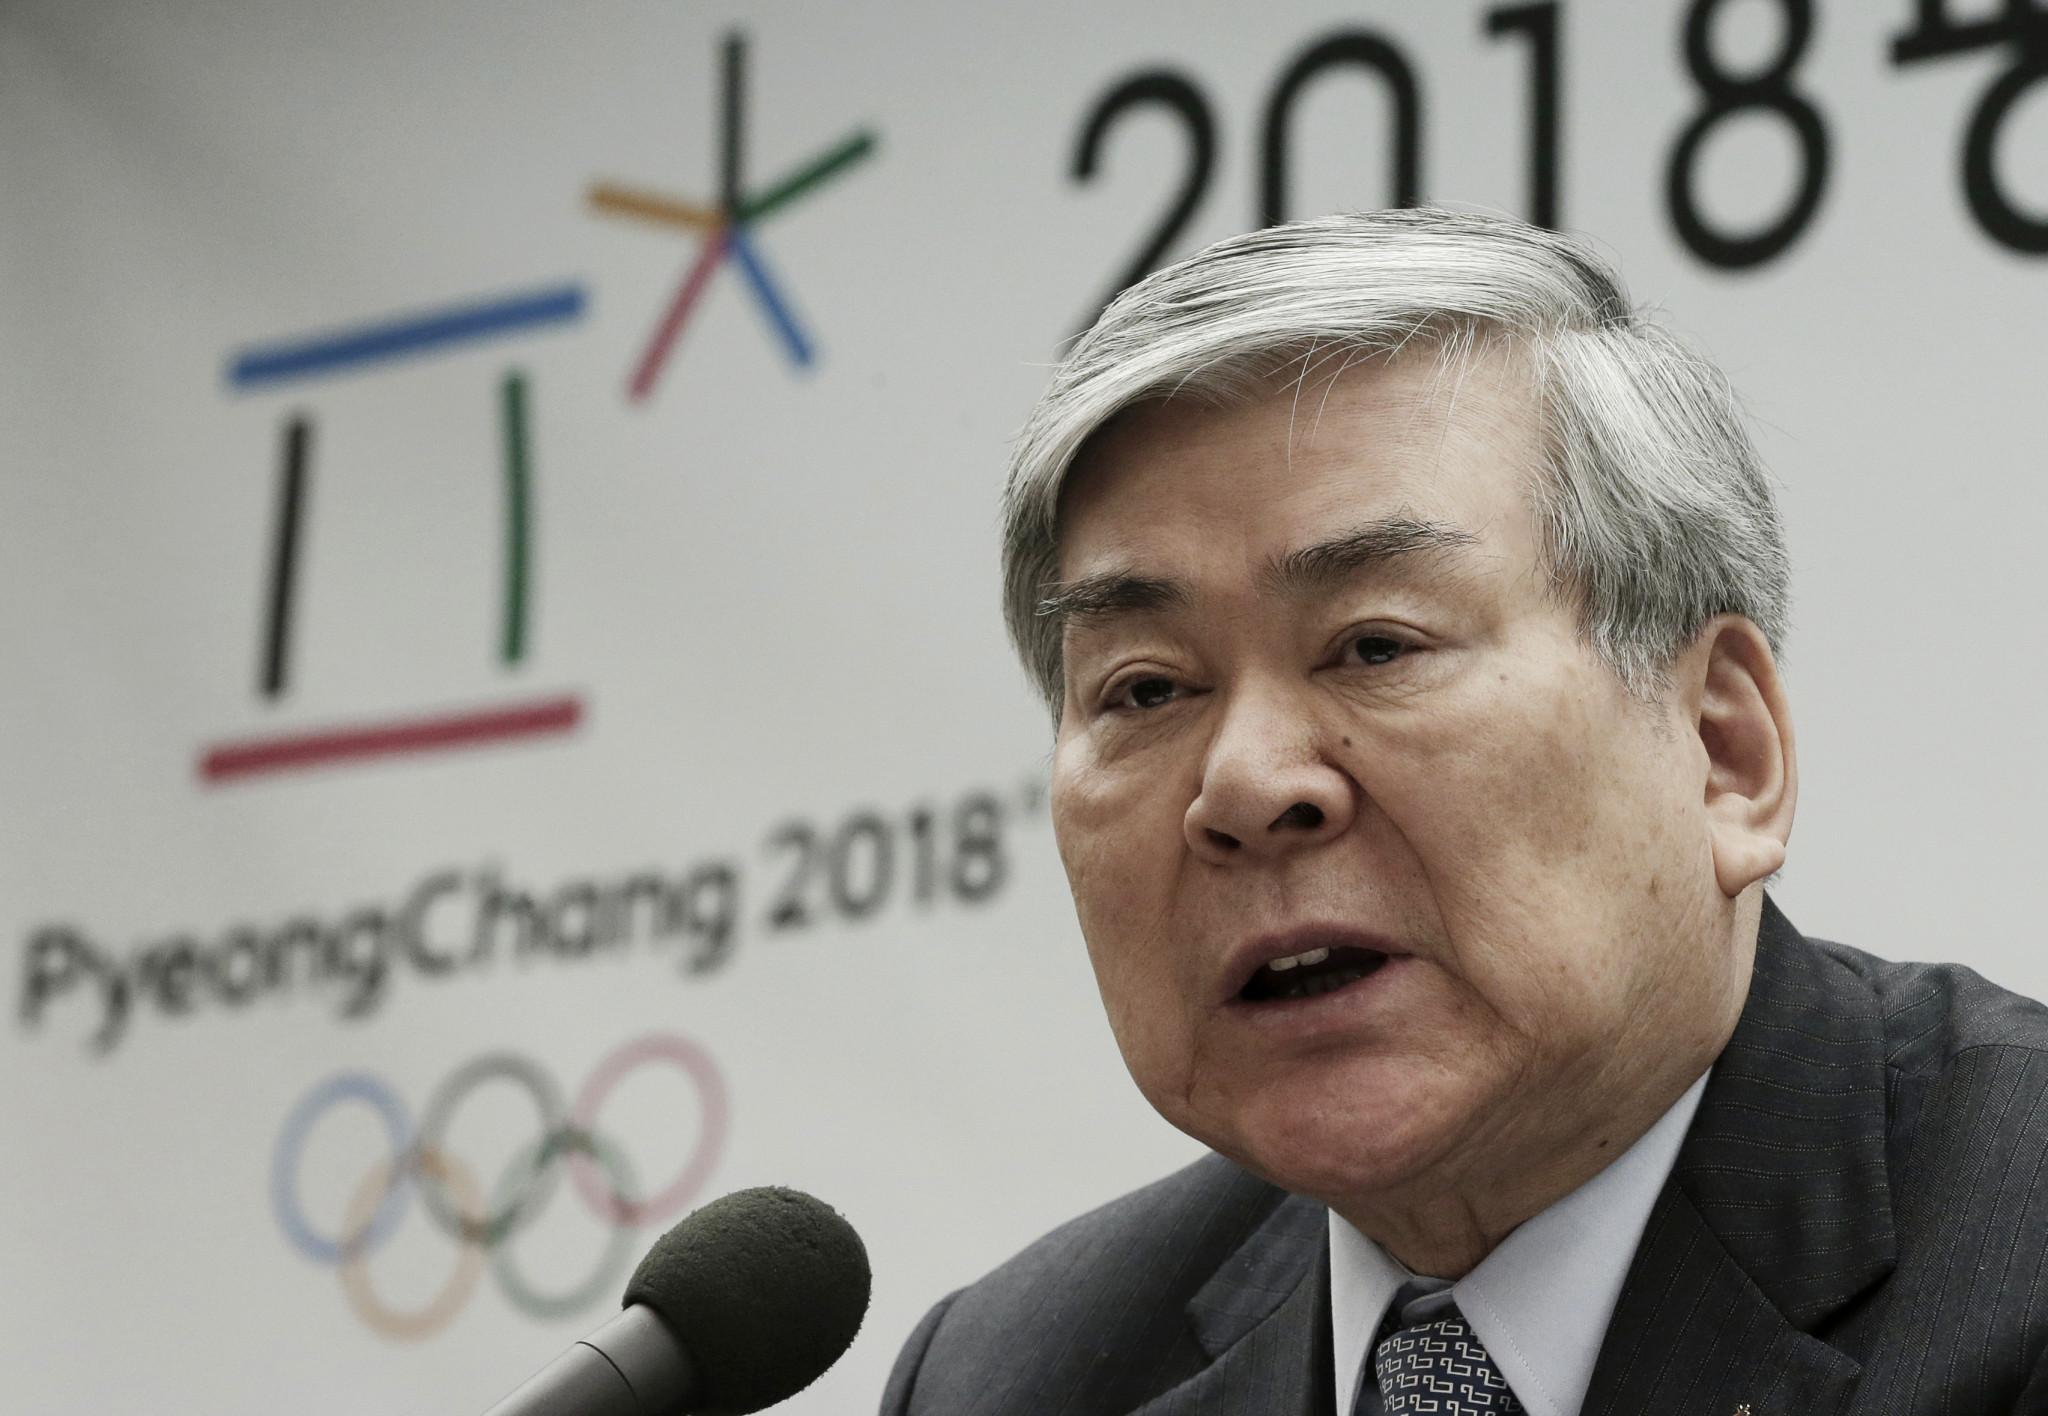 Pyeongchang 2018 bid leader dies at age of 70